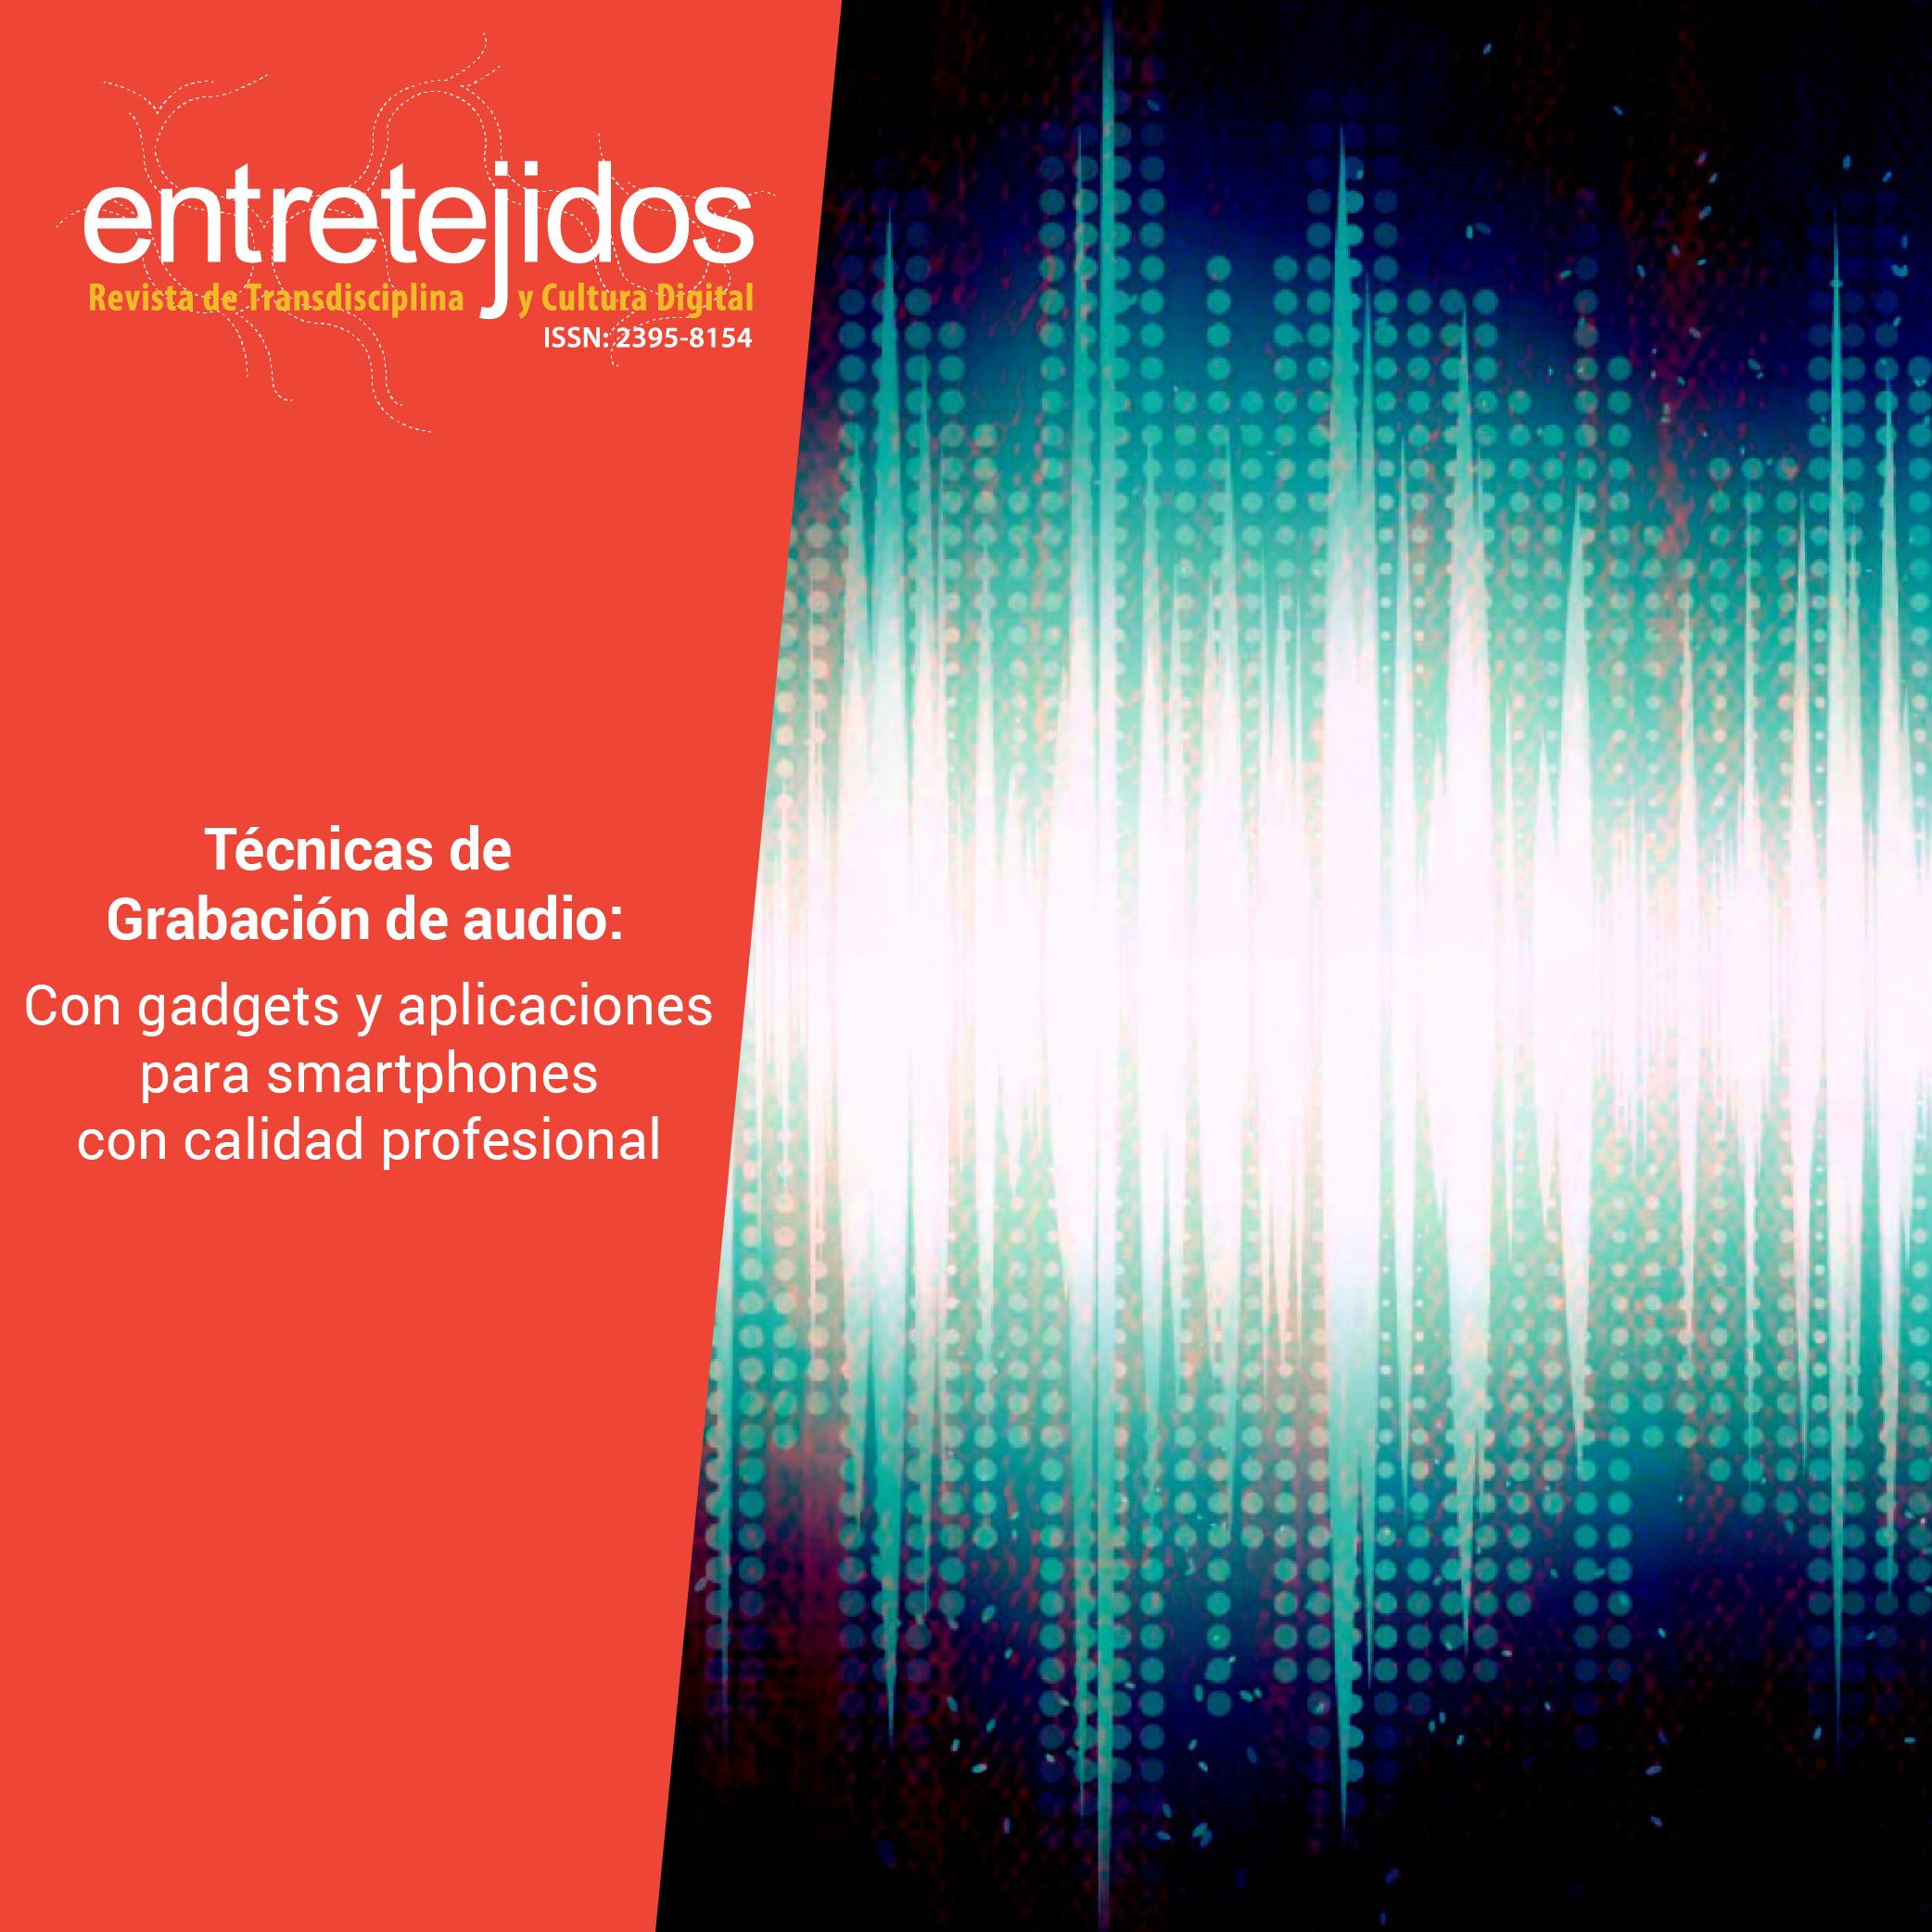 Grabación de voz con smartphones, aplicaciones y gadgets